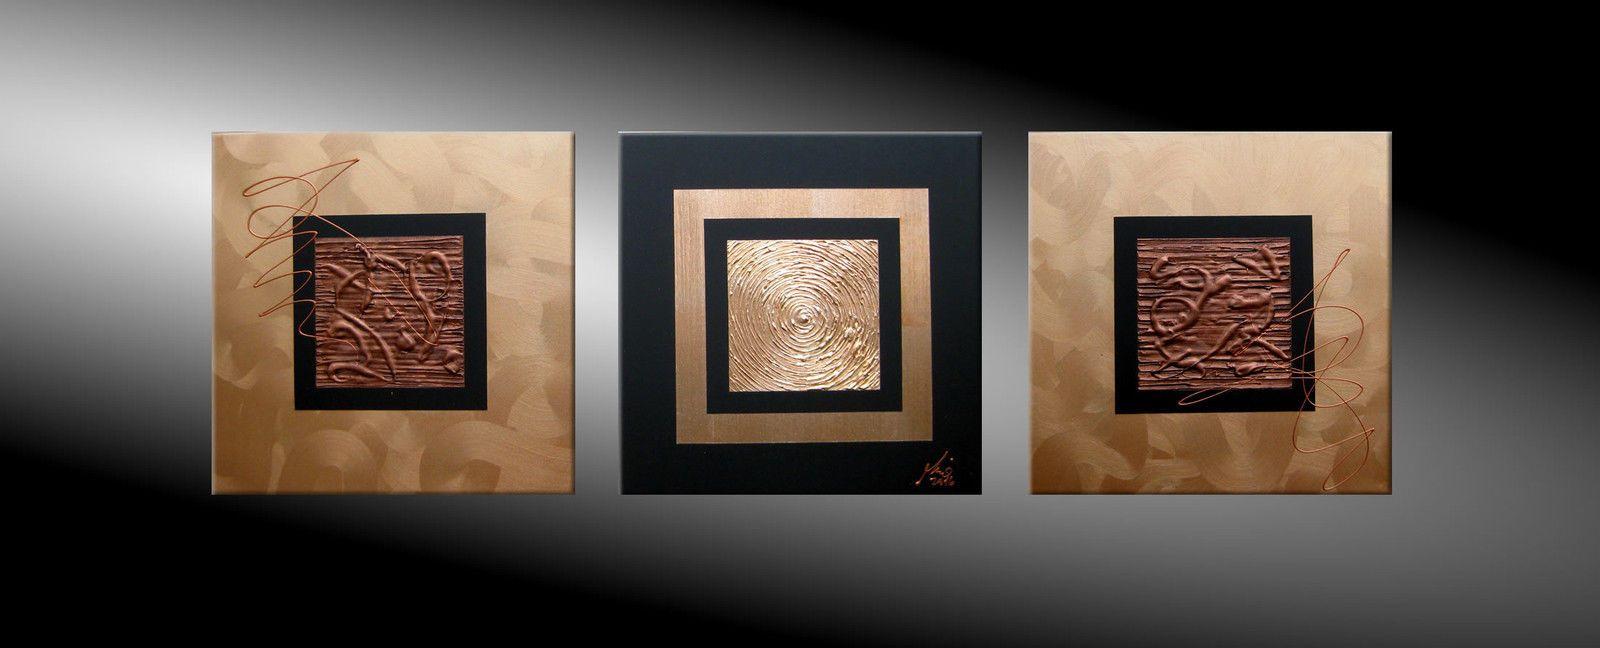 Details zu atelier mico ☆☆☆☆☆ original abstrakt gemälde modern bilder malerei acrylbild